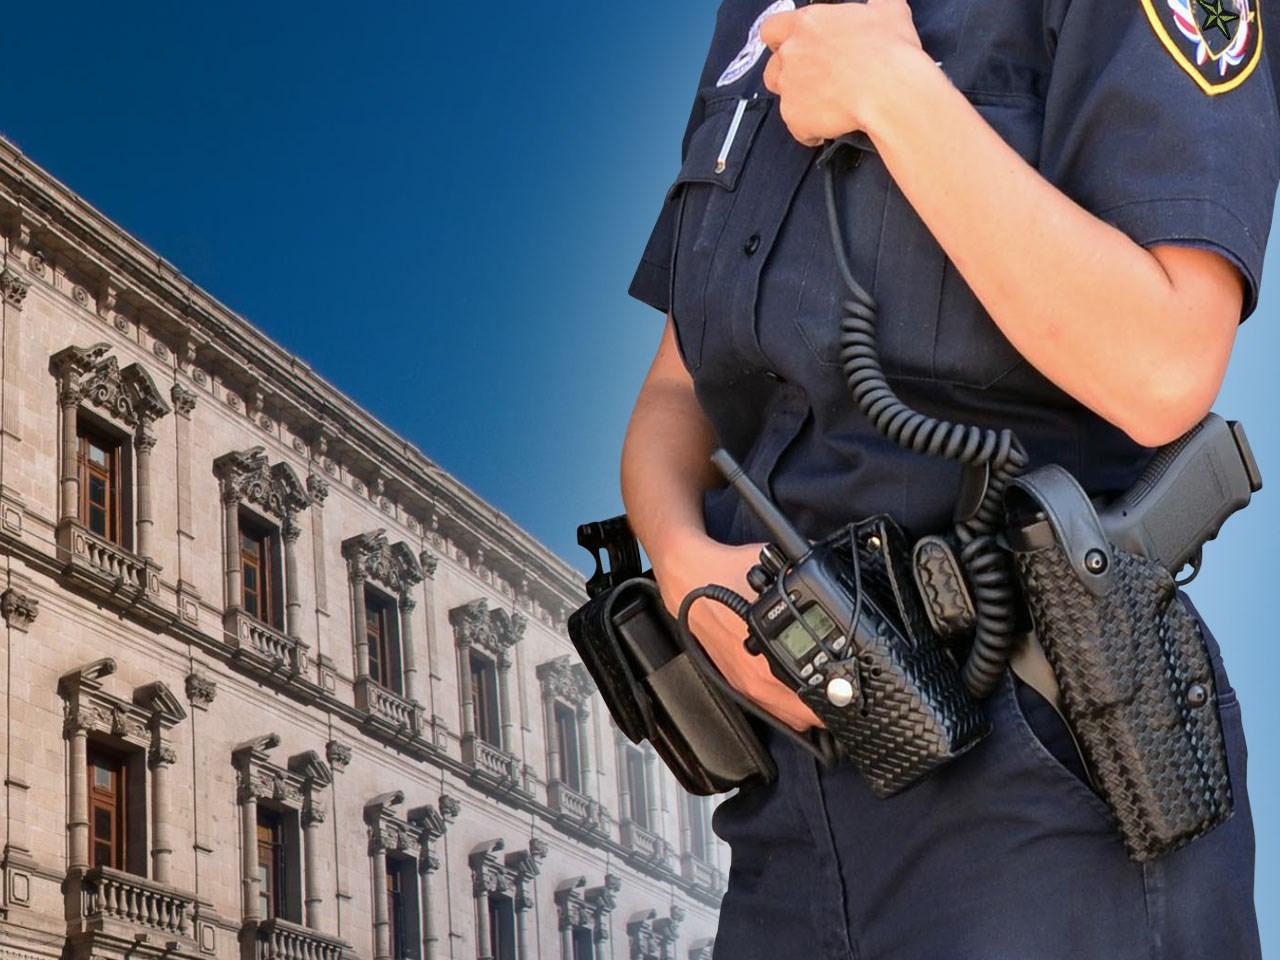 POLICE OFFICER_1493992175608.jpg